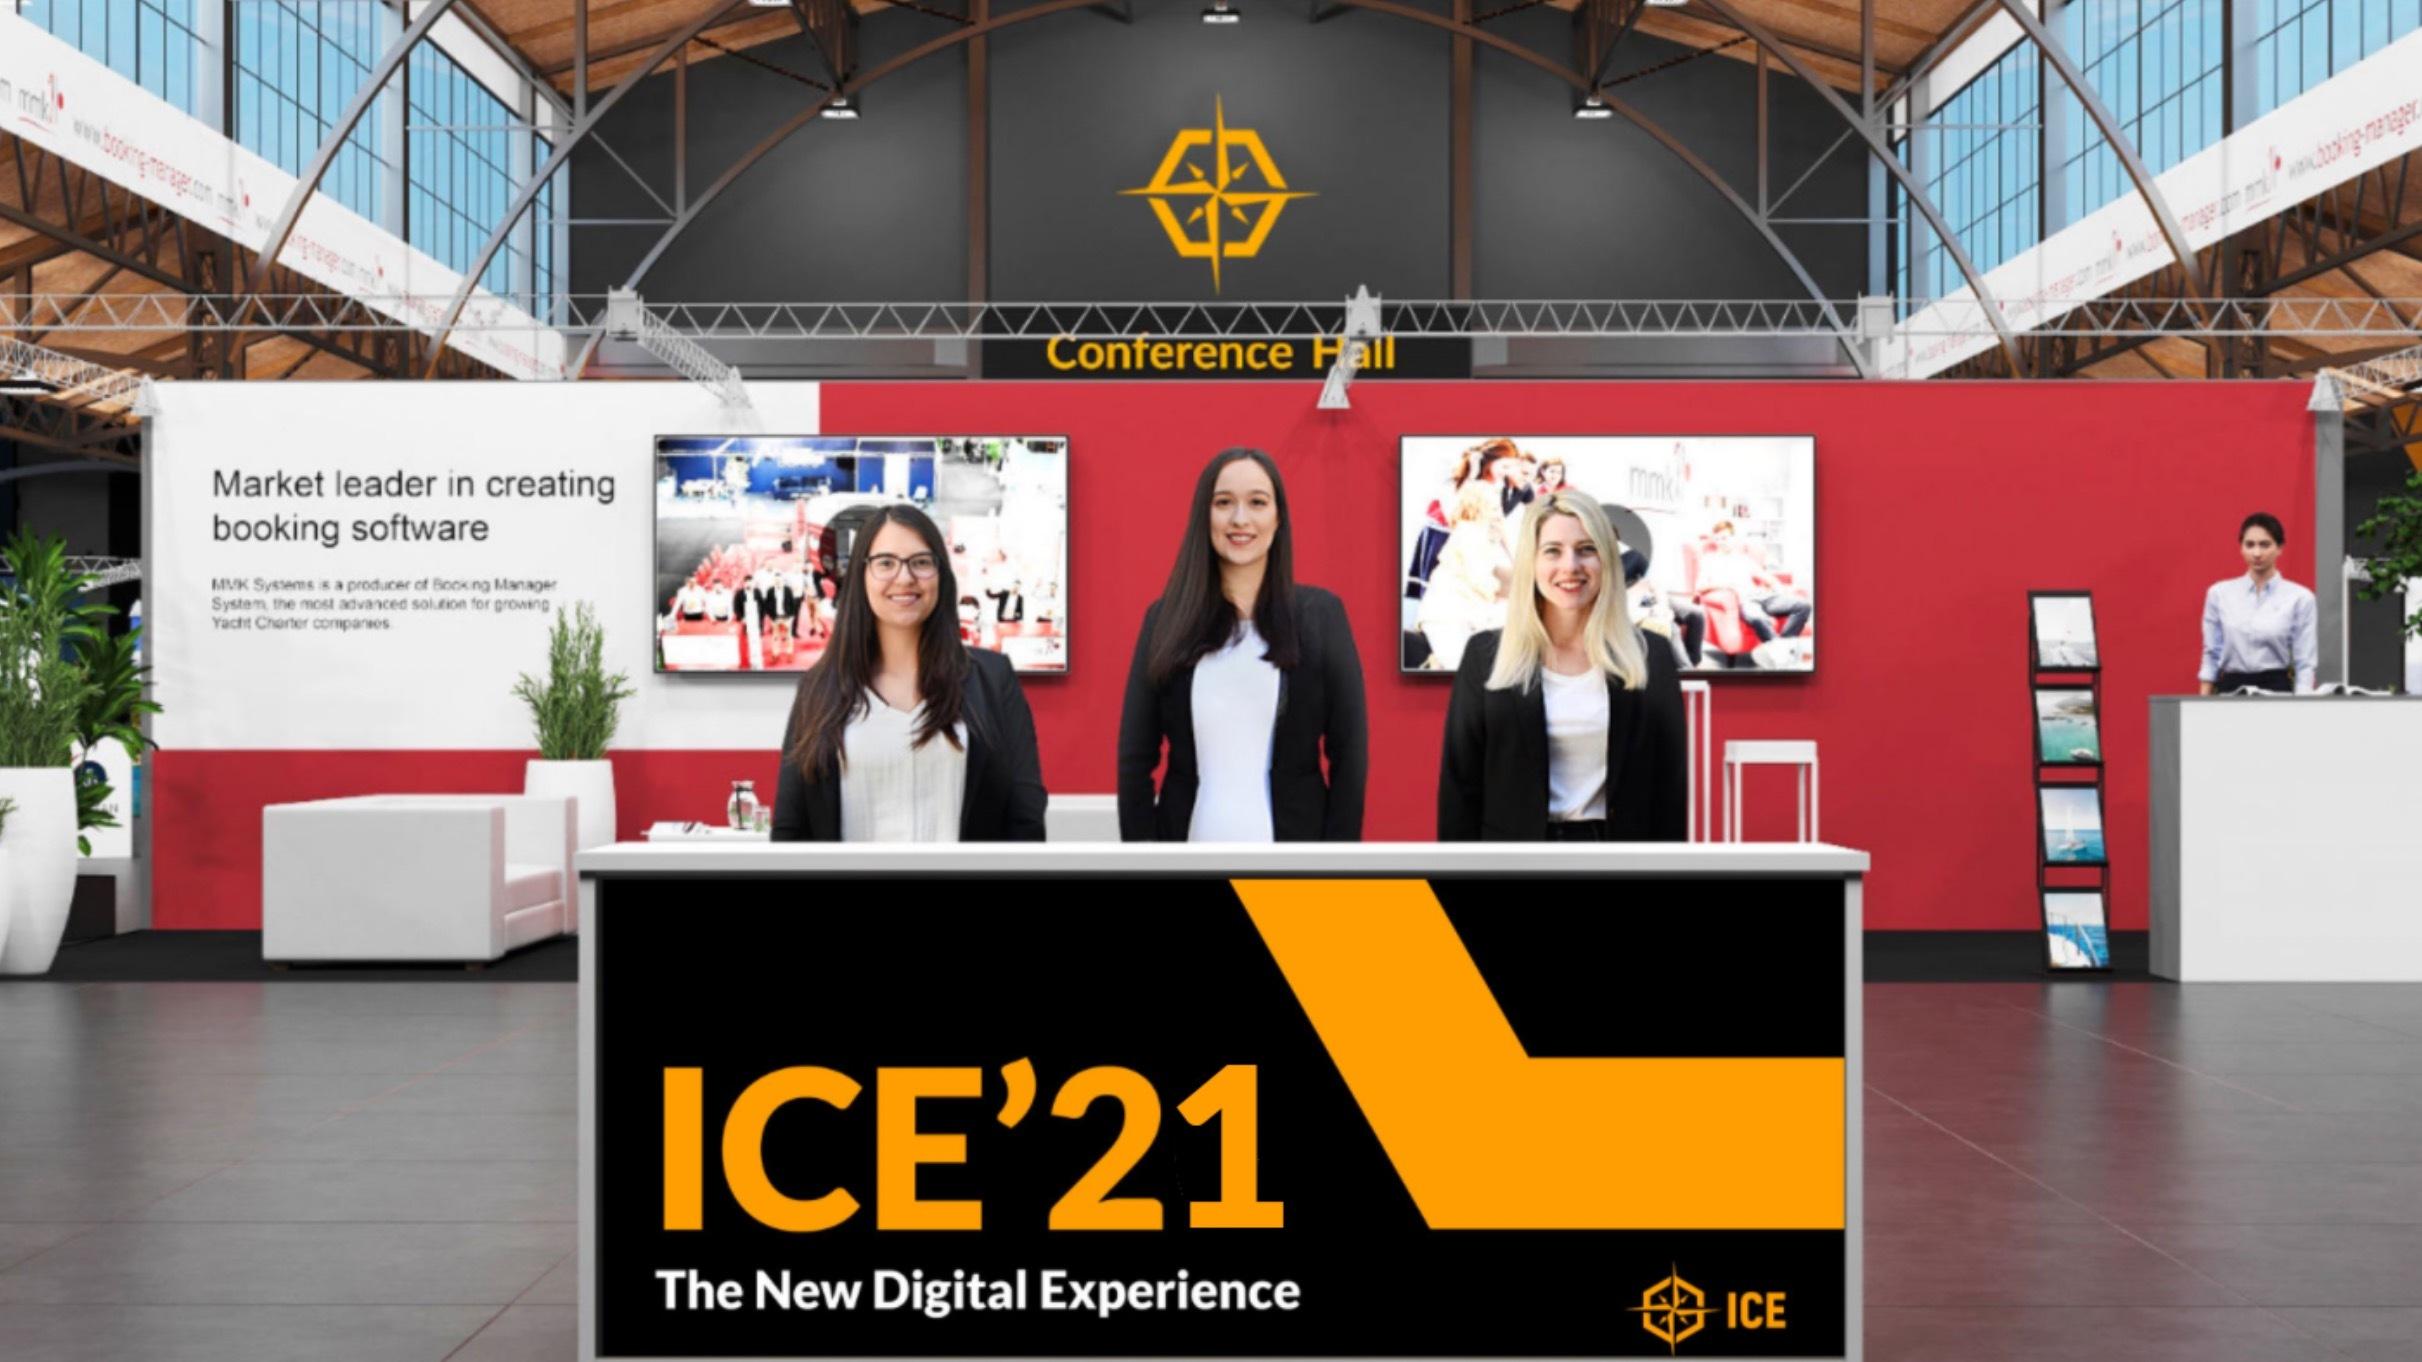 ICE'21